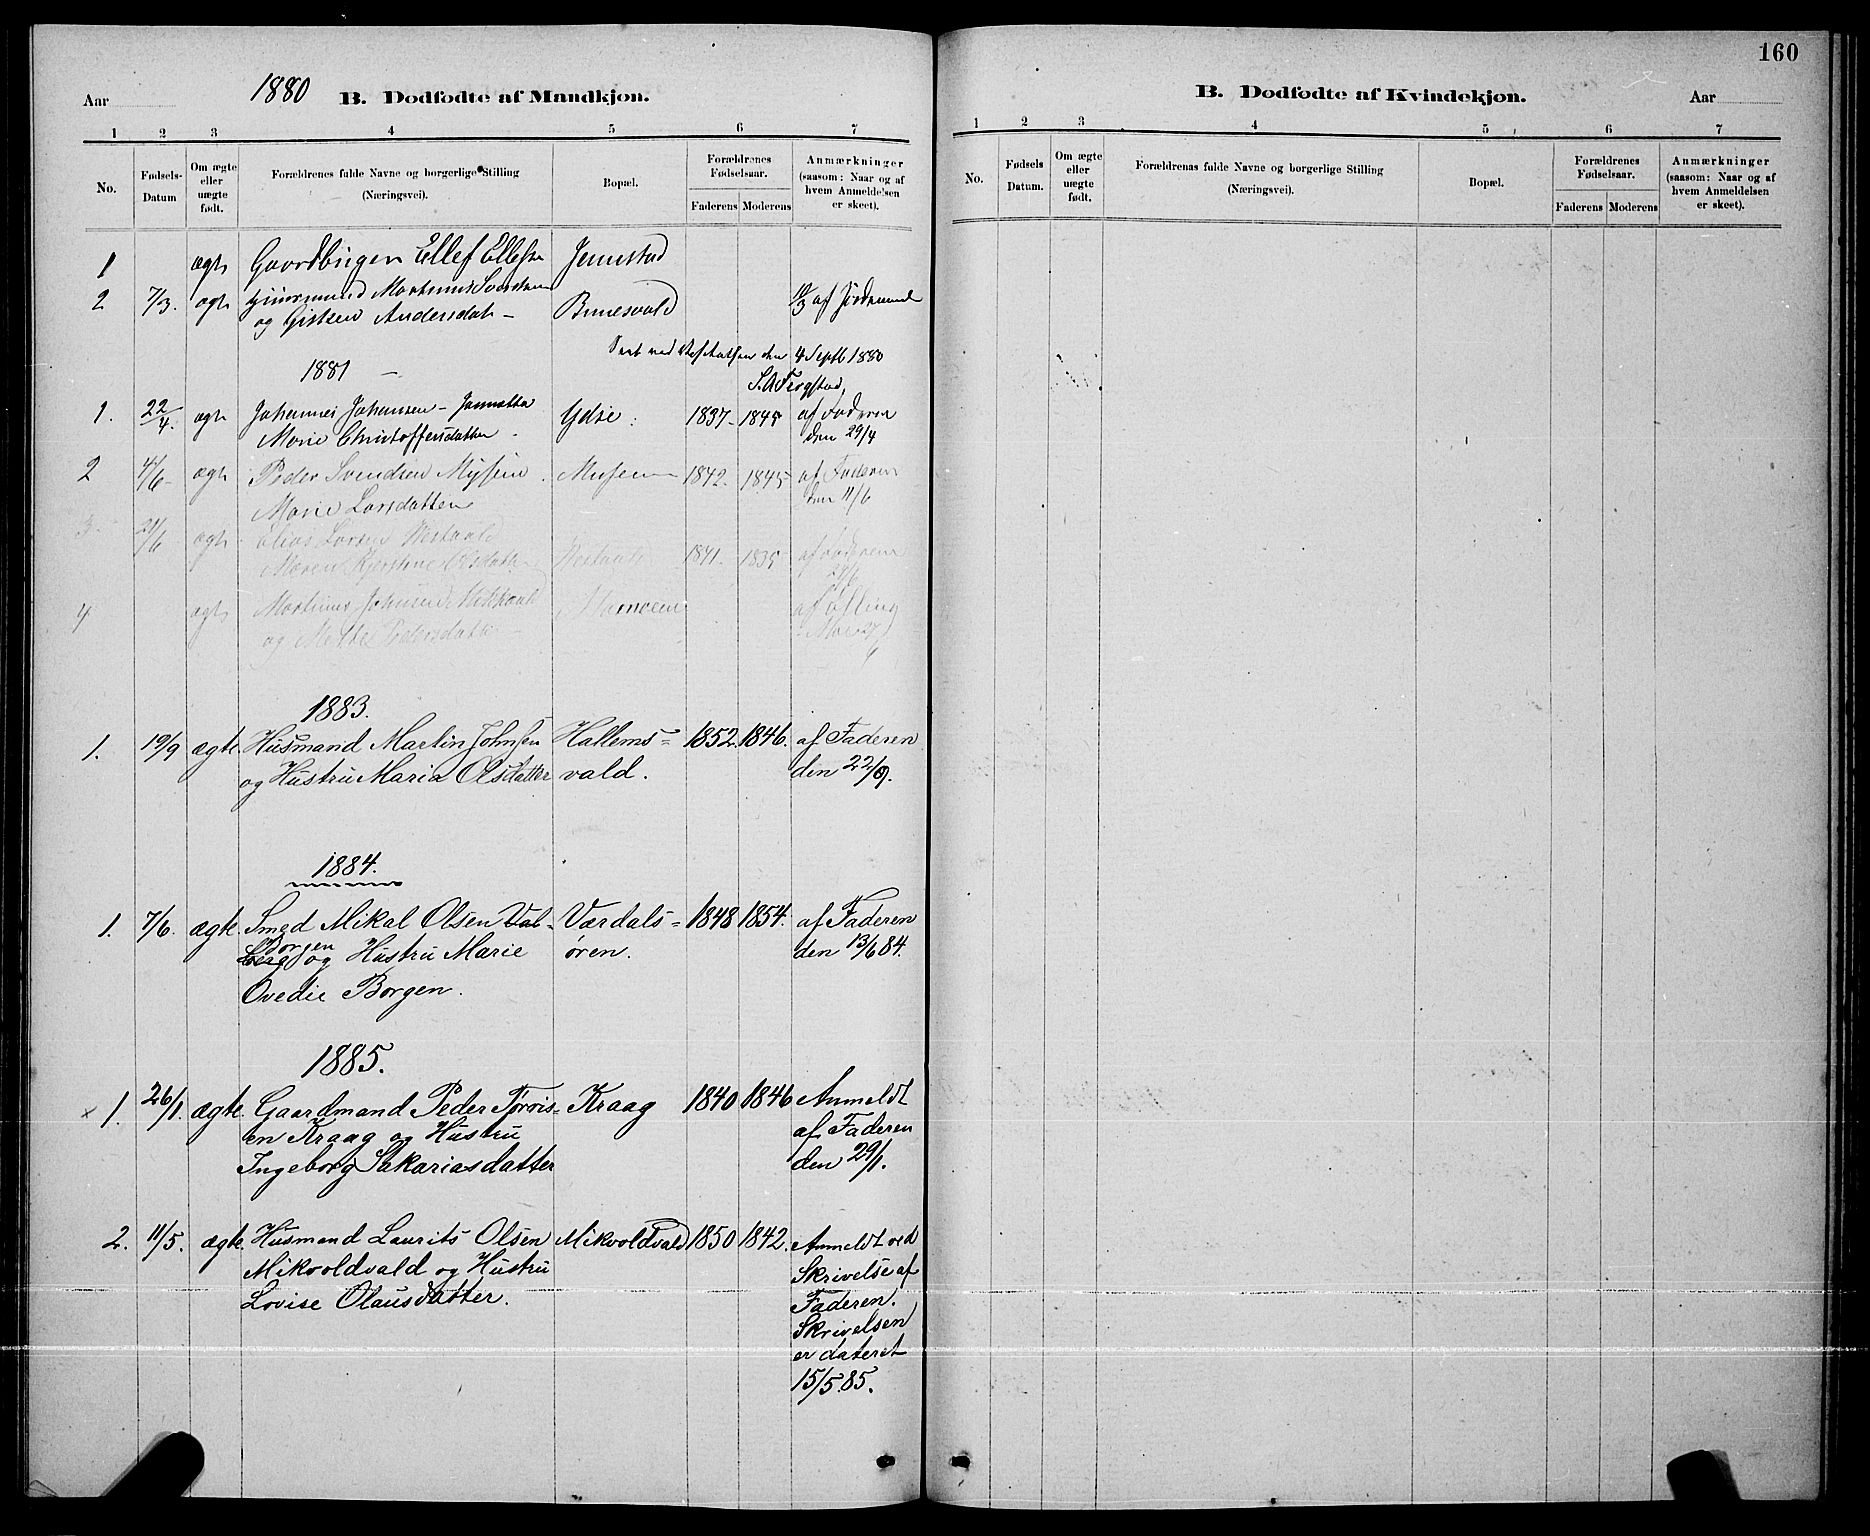 SAT, Ministerialprotokoller, klokkerbøker og fødselsregistre - Nord-Trøndelag, 723/L0256: Klokkerbok nr. 723C04, 1879-1890, s. 160